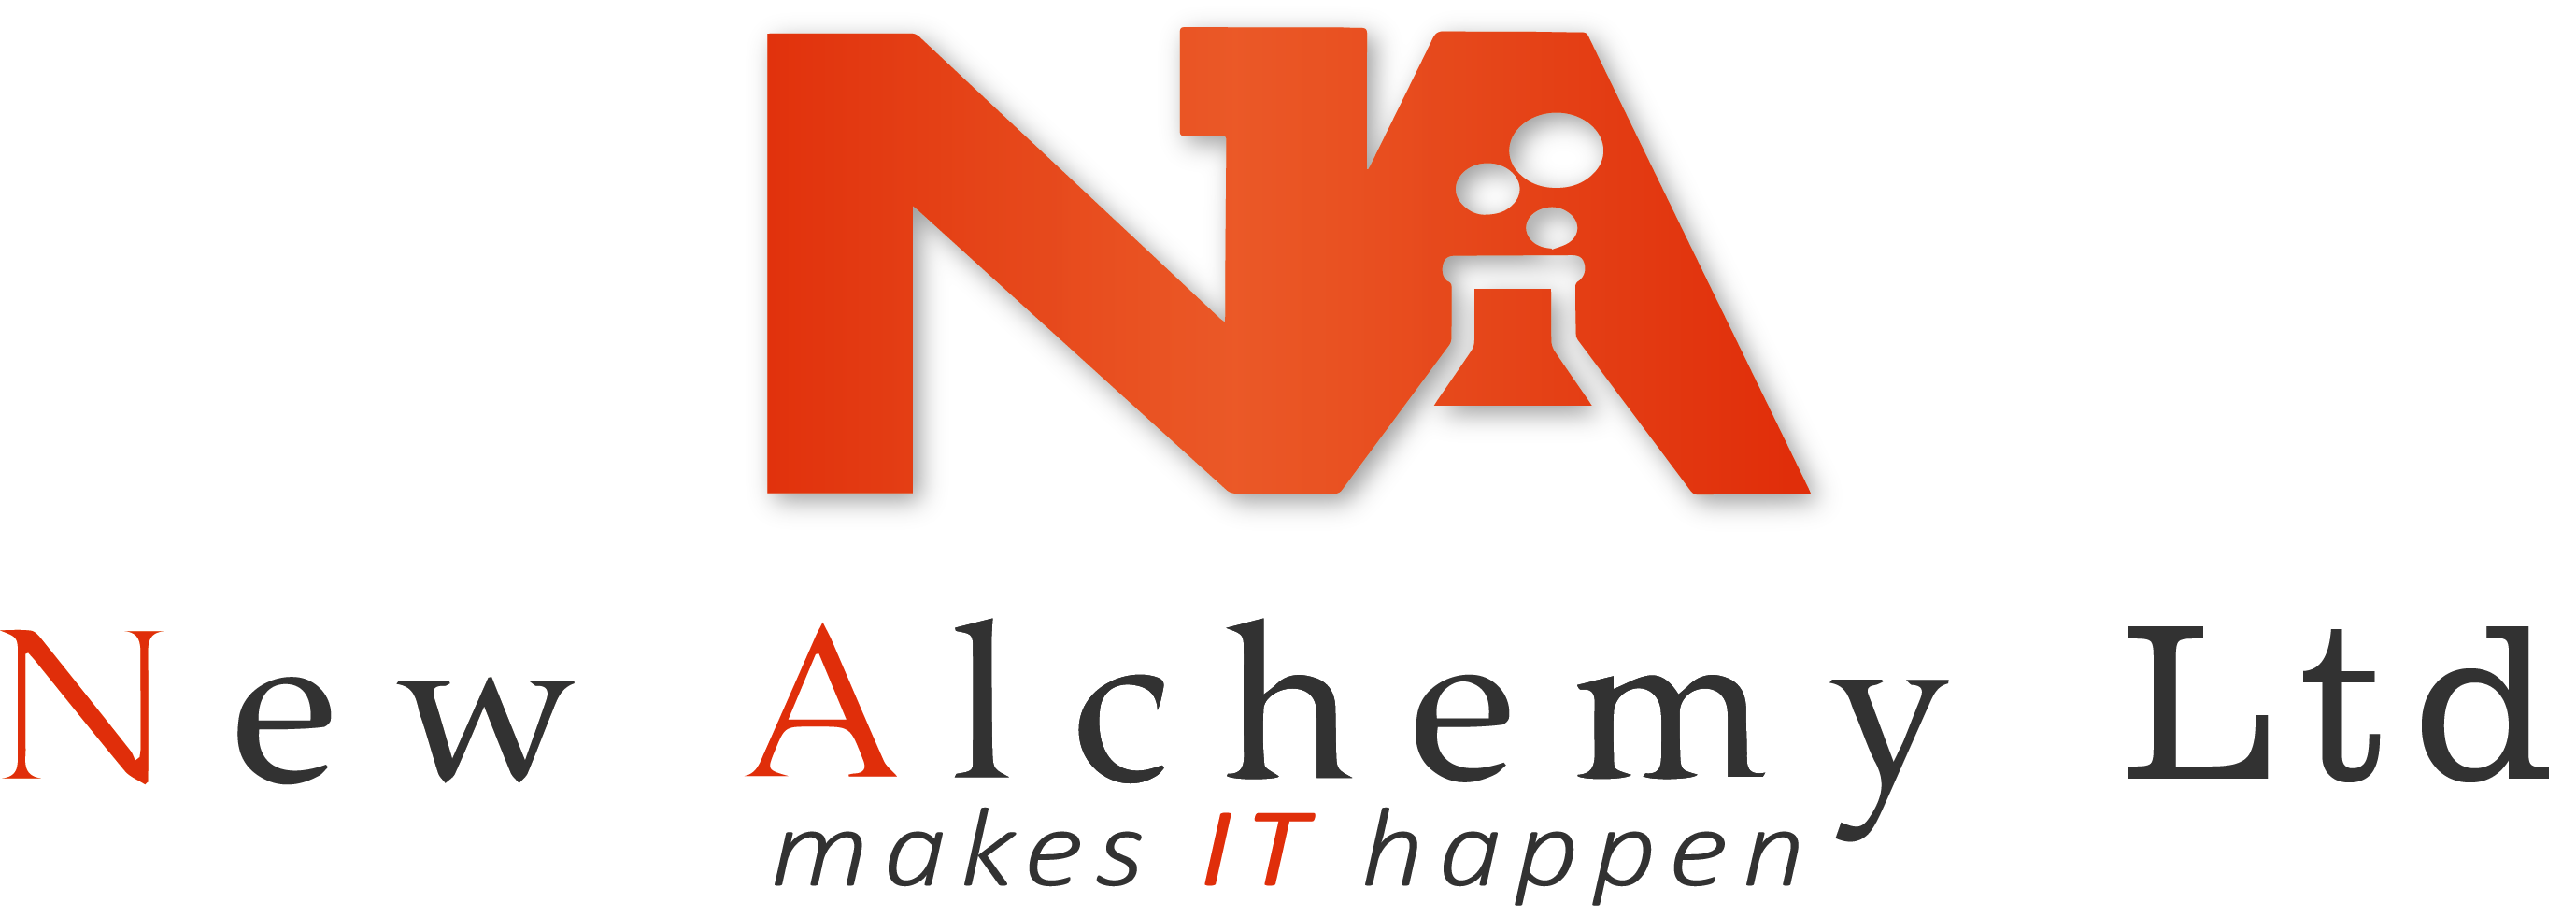 New Alchemy